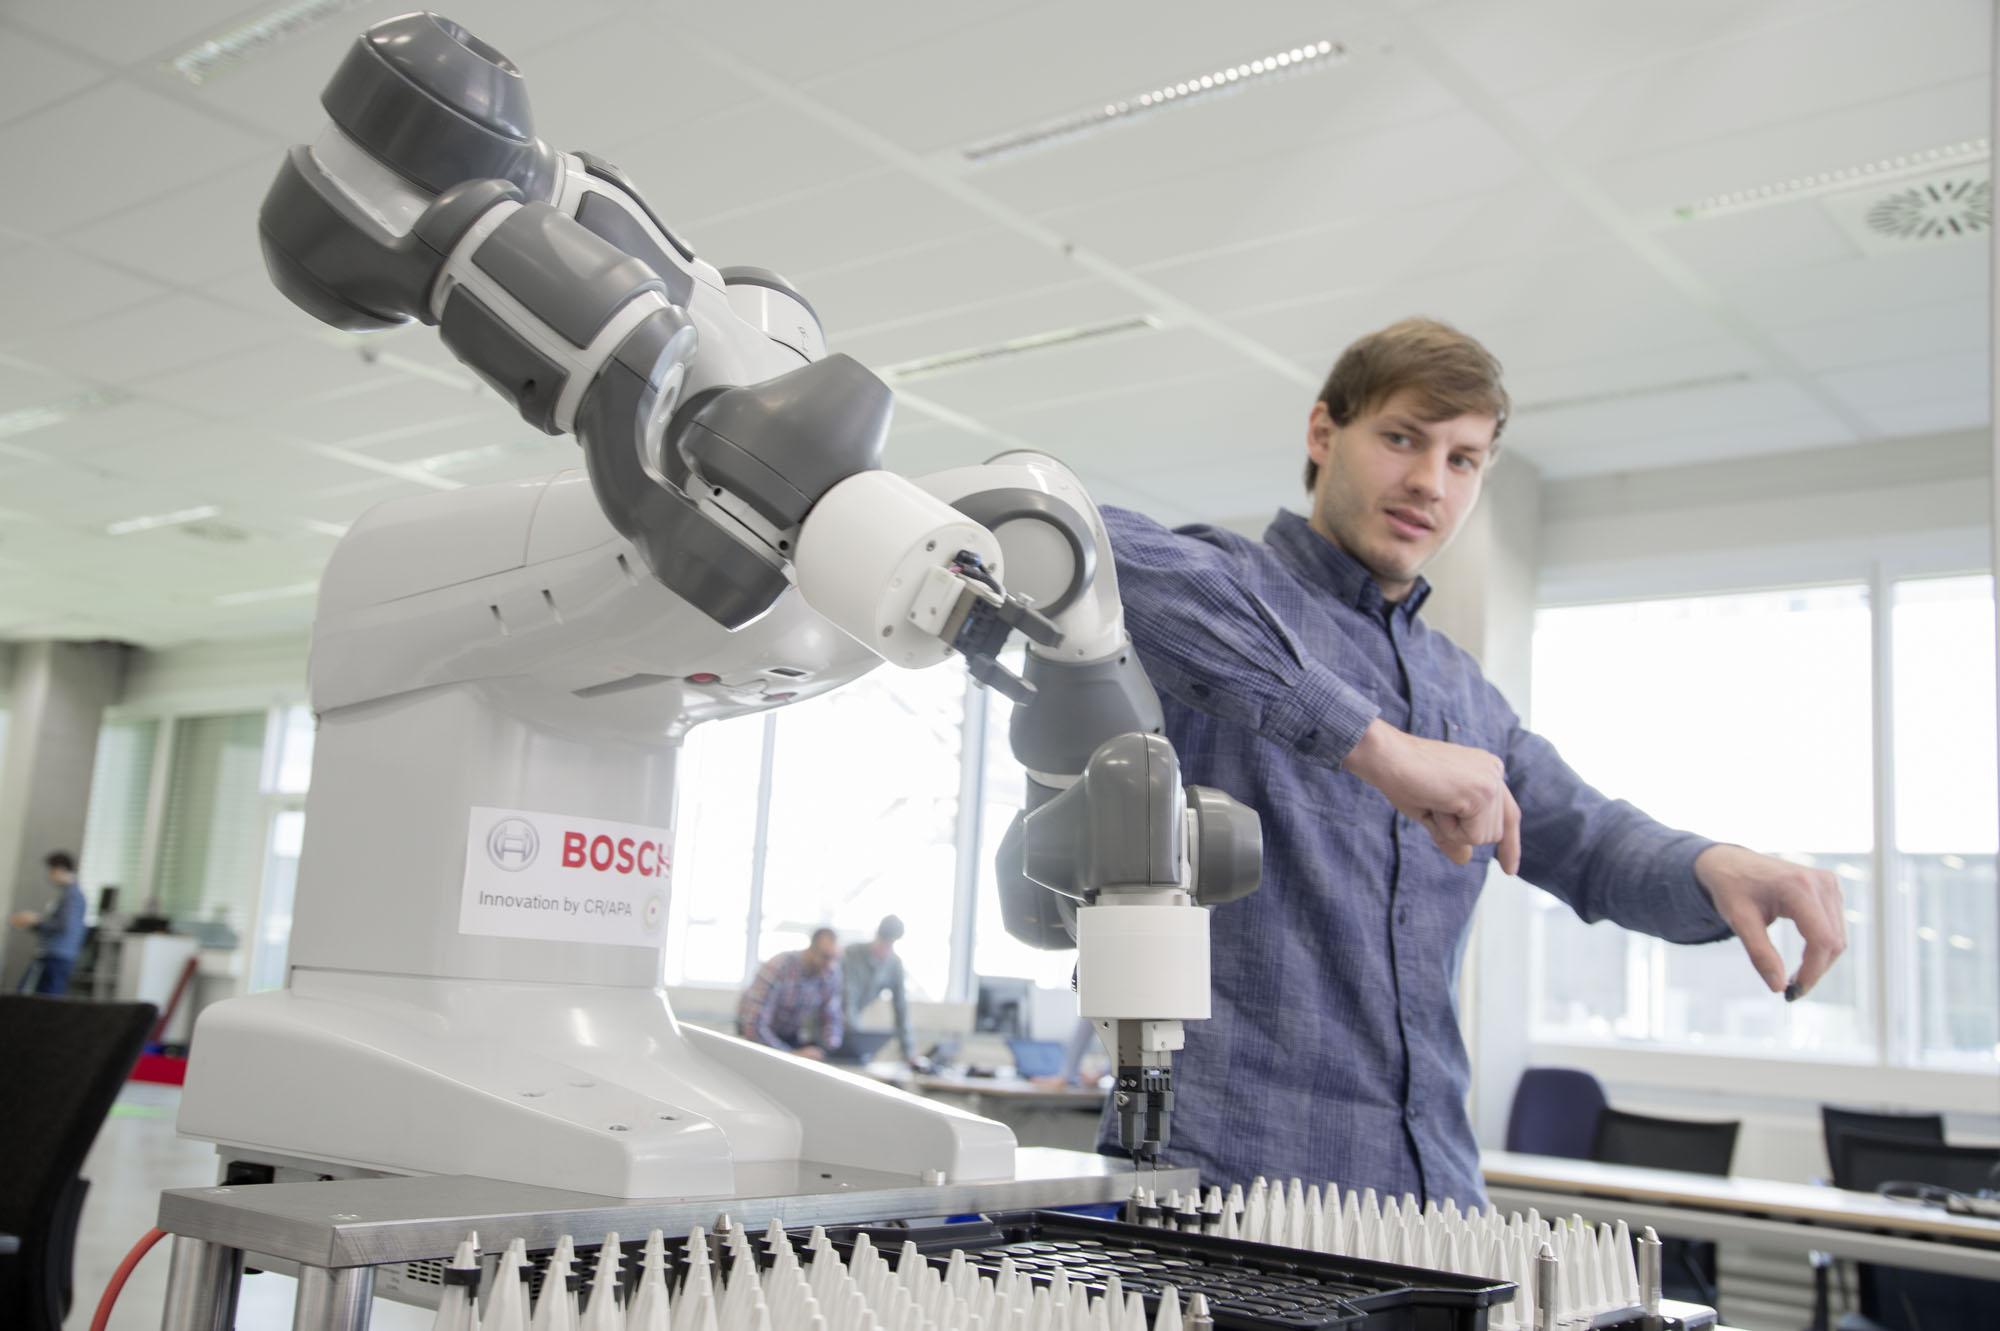 Průmyslové využití umělé inteligence (AI)